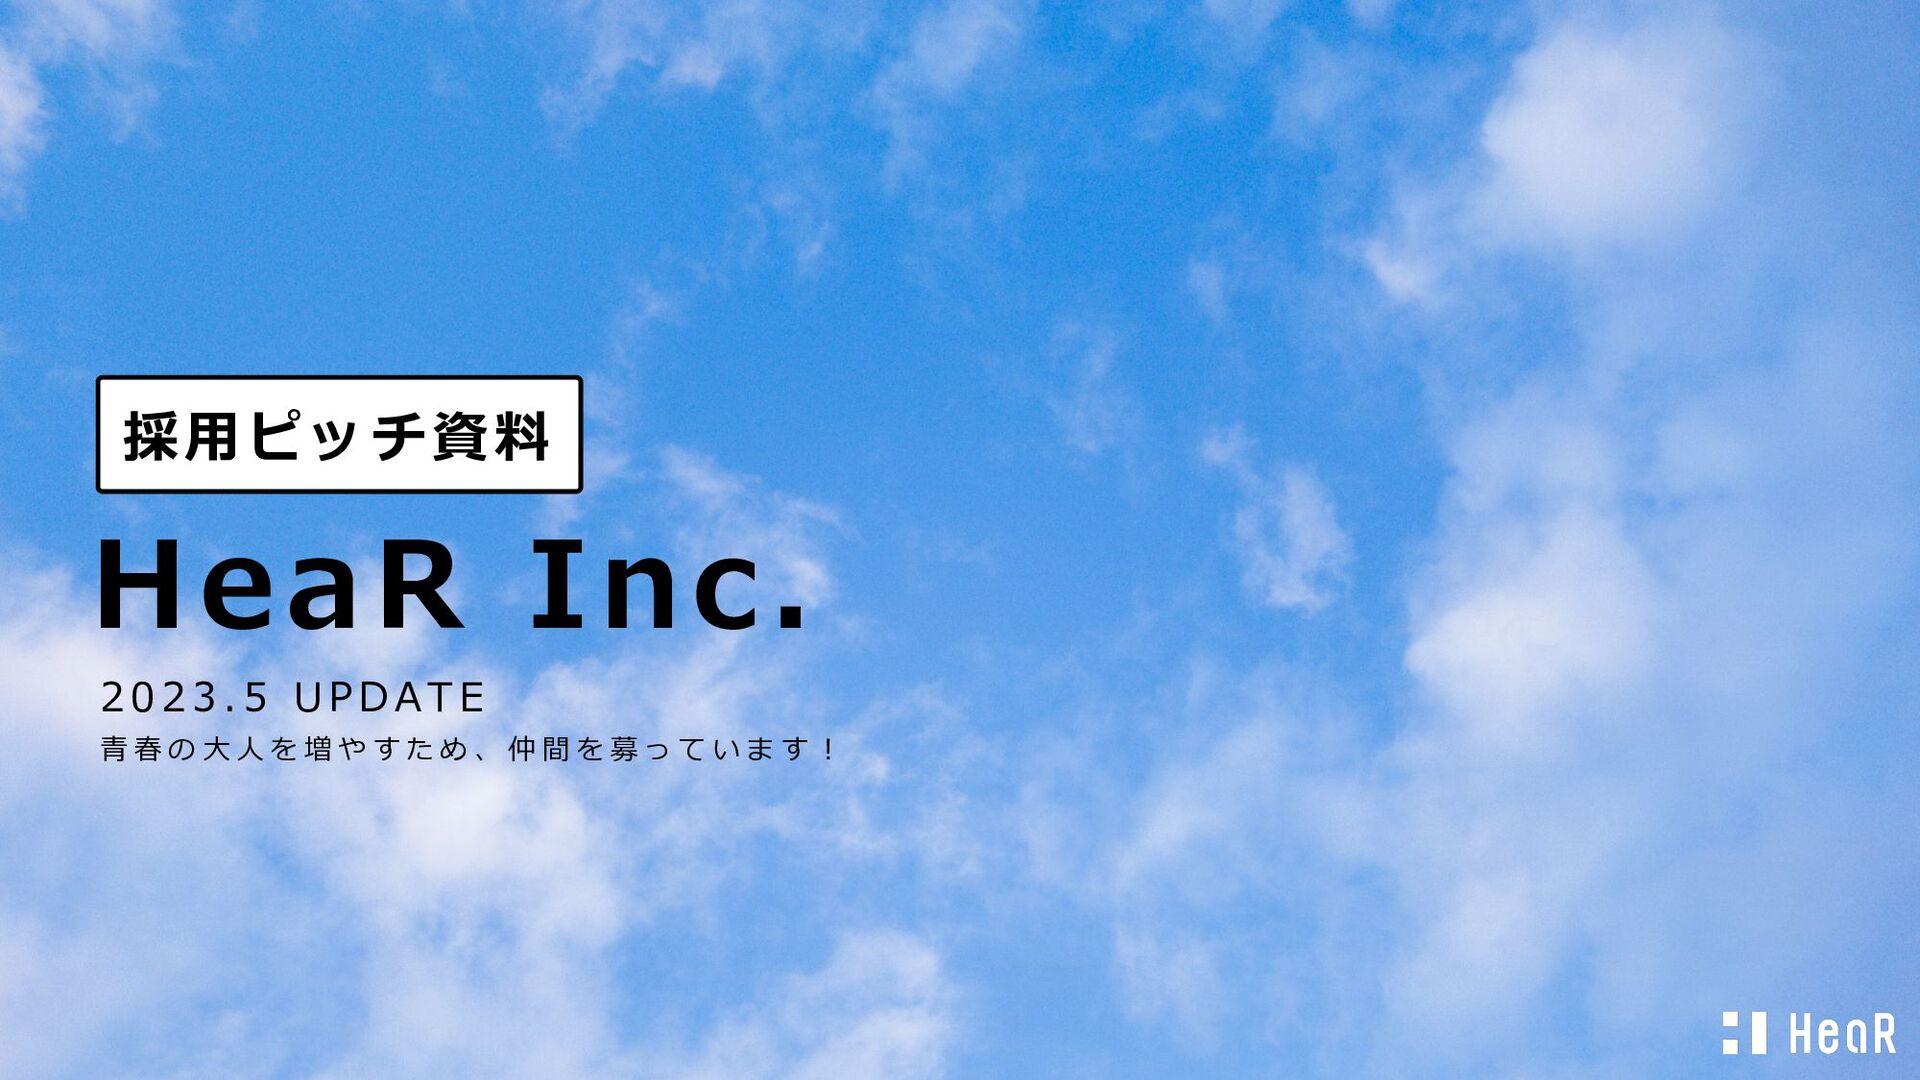 HeaR Inc. 2021.06 UPDATE ⻘春の⼤⼈を増やすため、仲間を募っています︕...